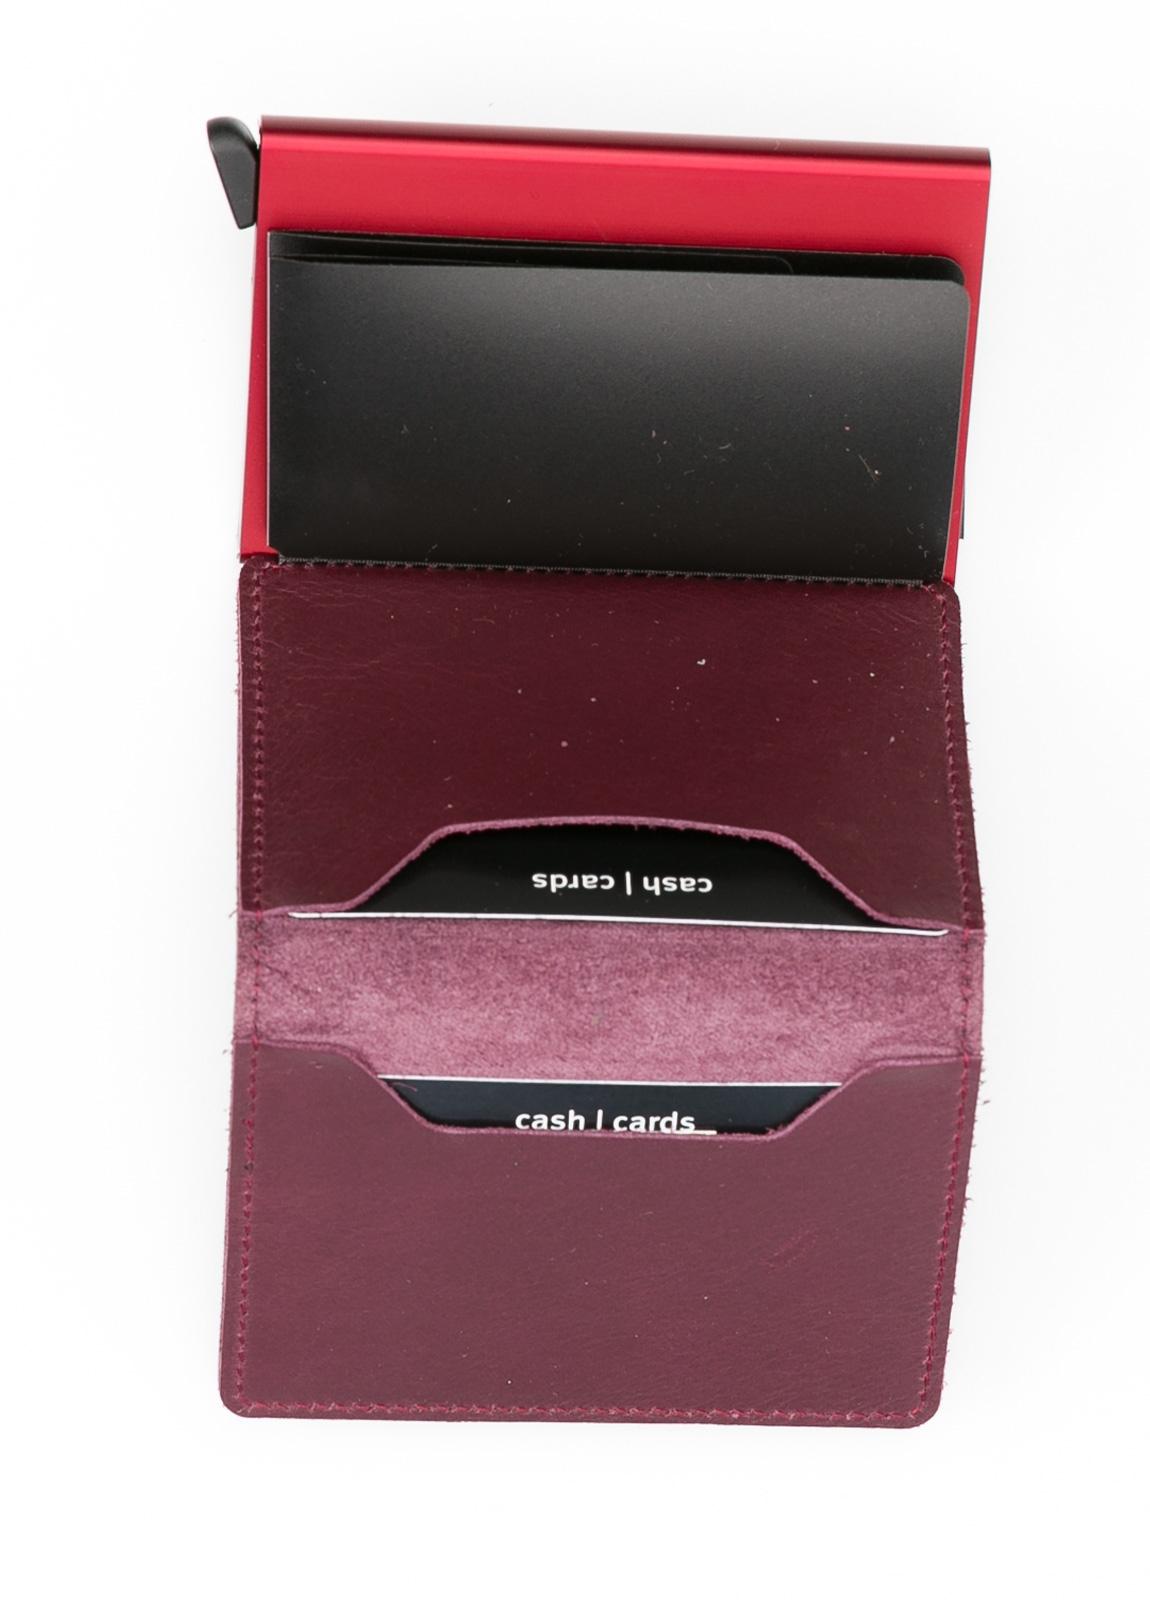 Secrid slim wallet color burdeos, con cardprotector de aluminio ultrafino. - Ítem1